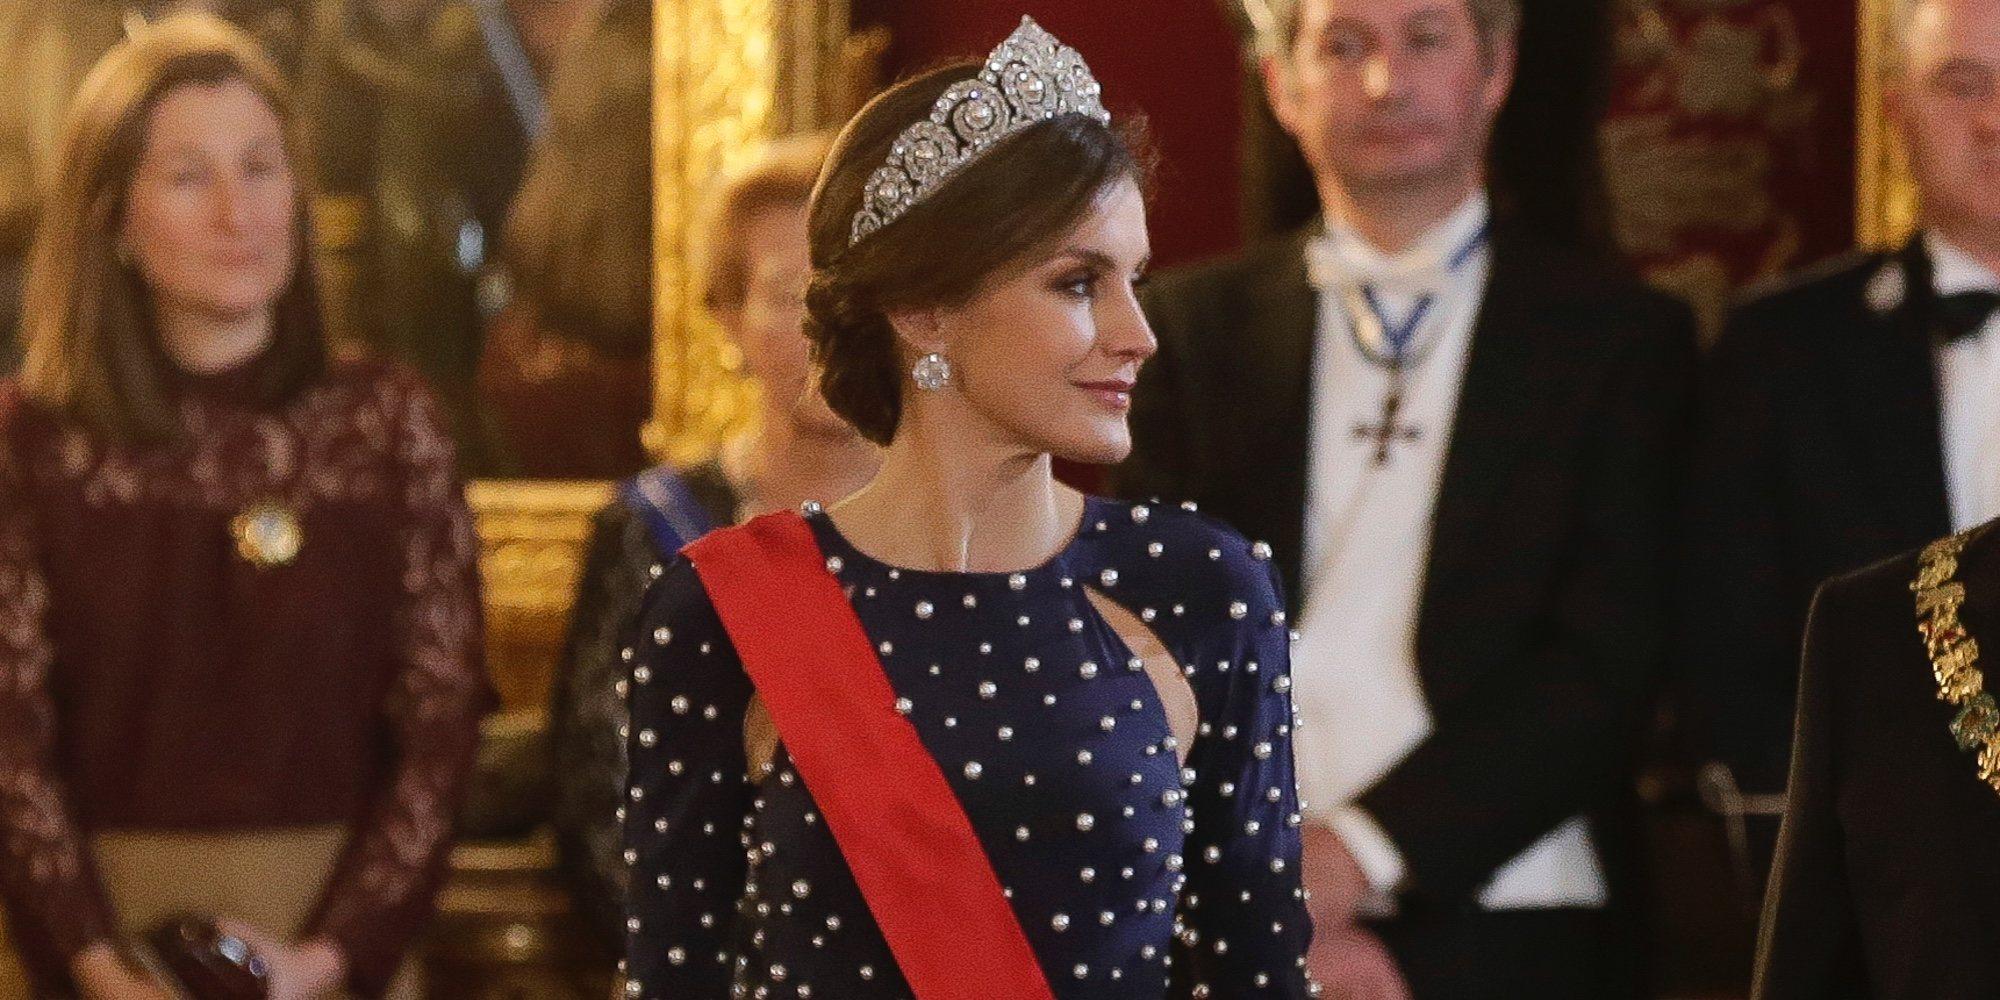 La Reina Letizia resplandece en la cena de gala al presidente de Portugal con la tiara Cartier y un vestidazo de Ana Locking